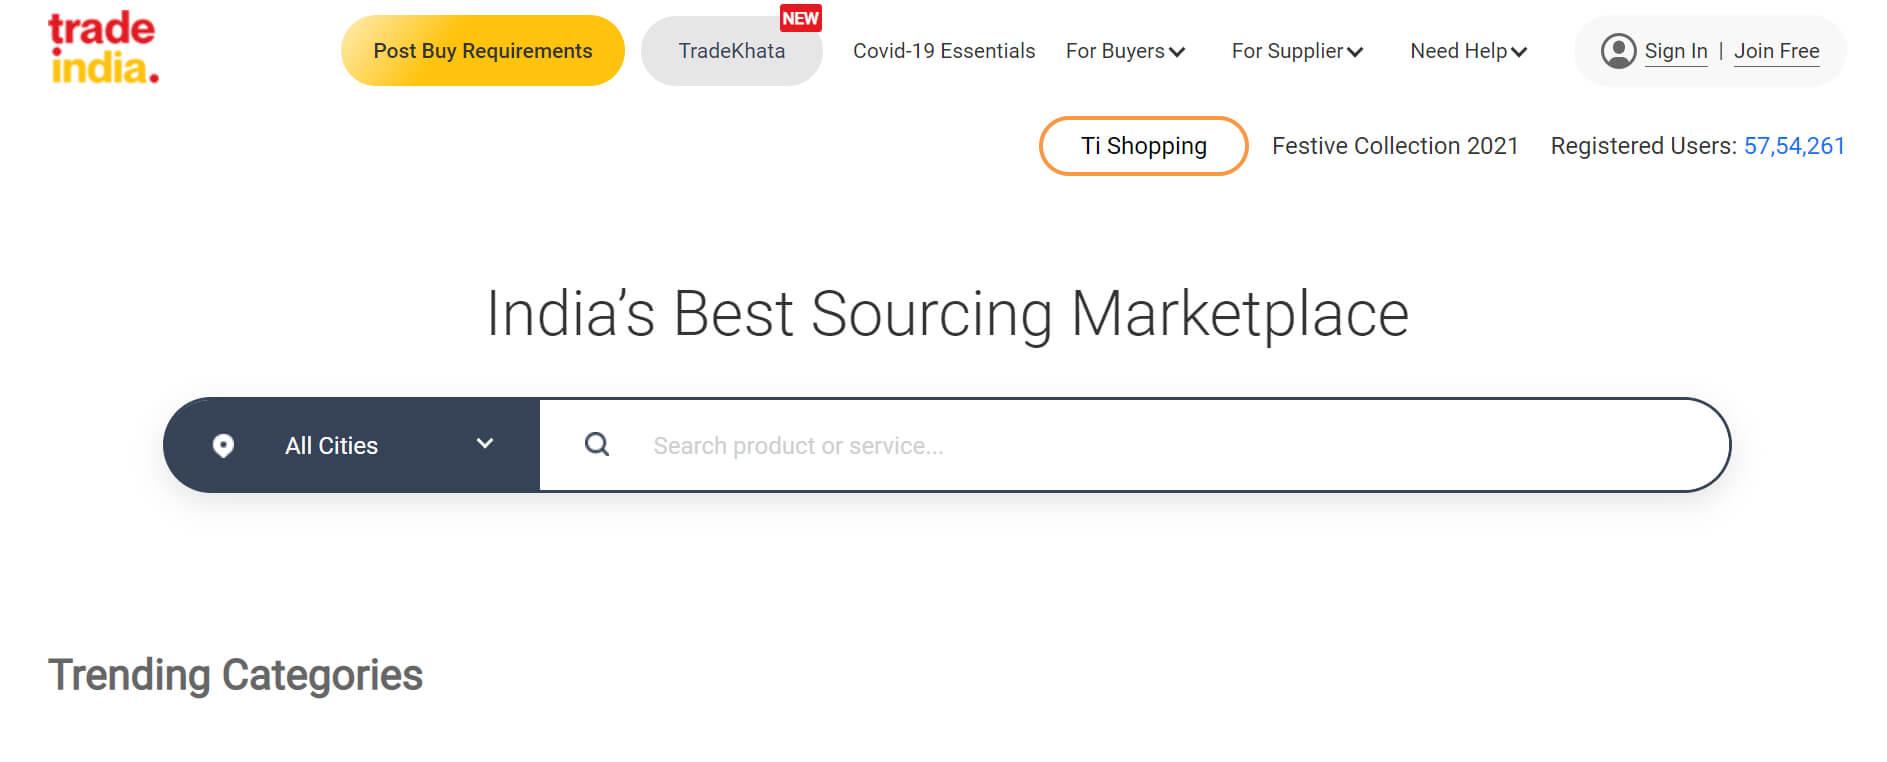 tradeindia marketplace